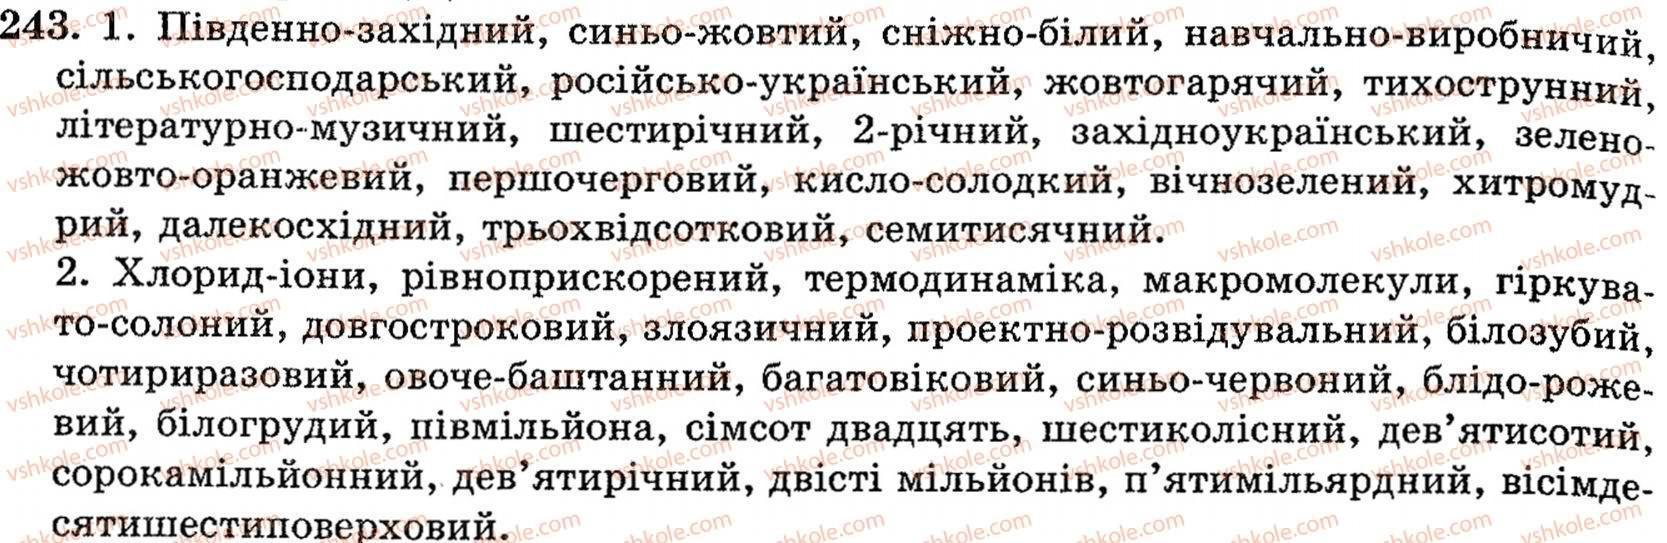 гдз по укр мова 8 класс о.в заболотний в.в заболотний